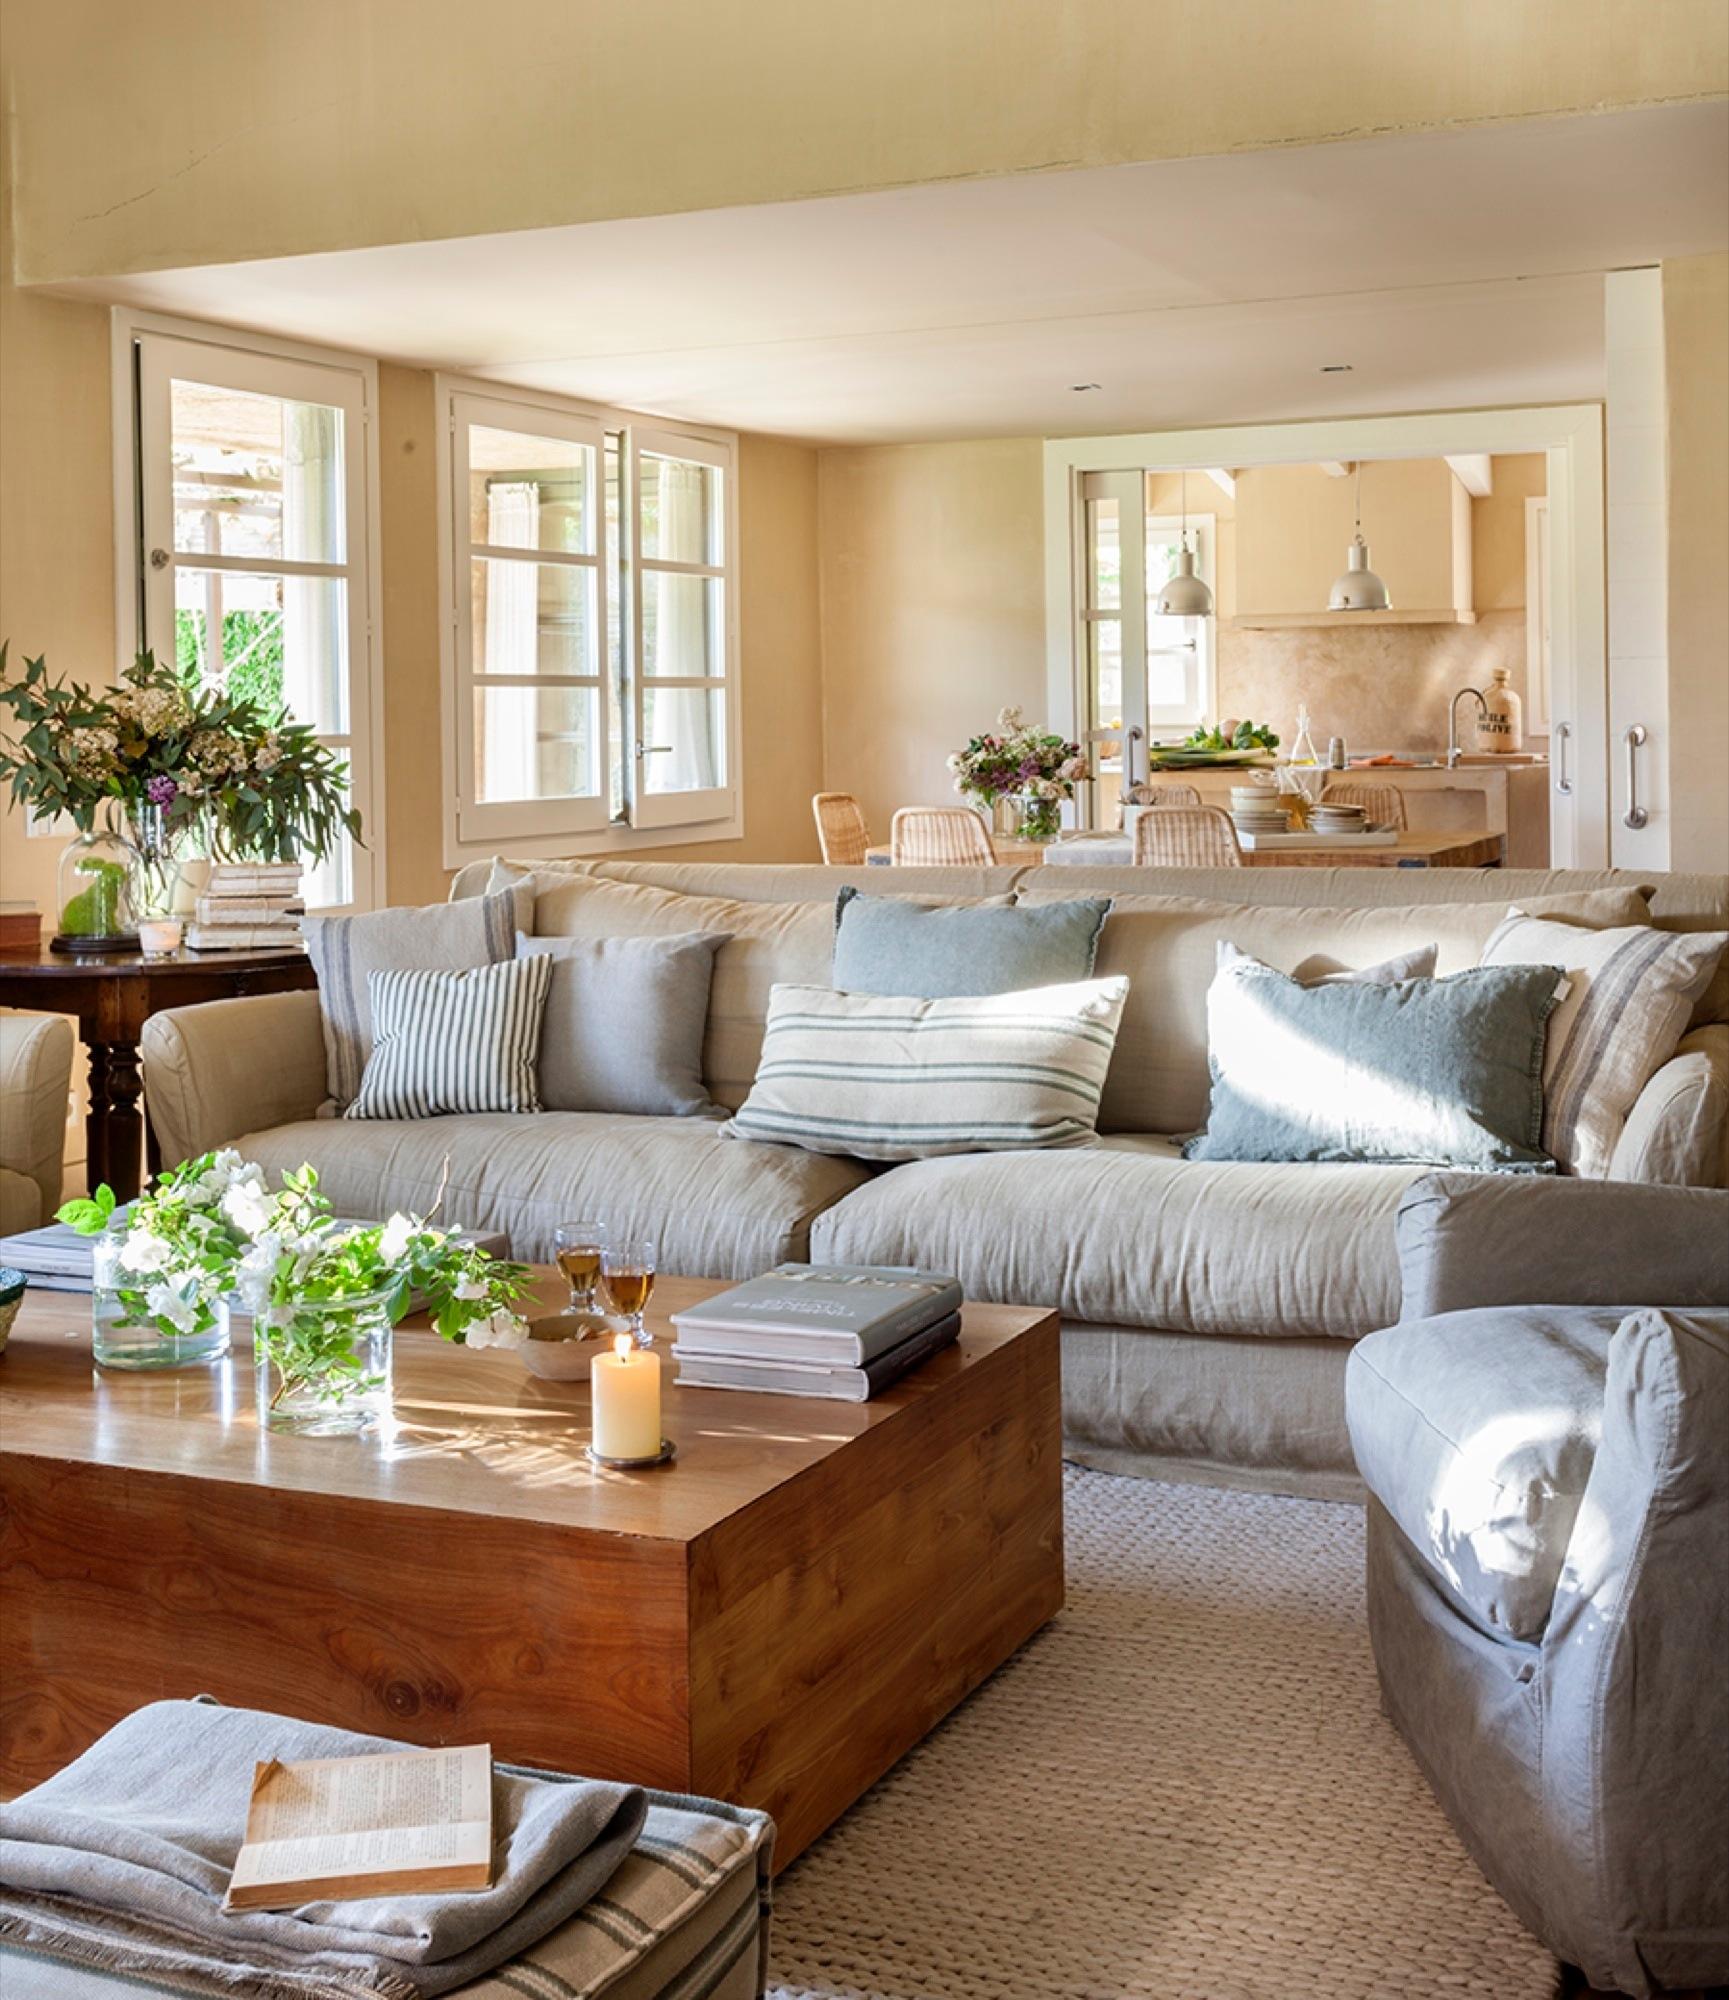 Casa de campo con mucho estilo - Alfombras para salones modernos ...